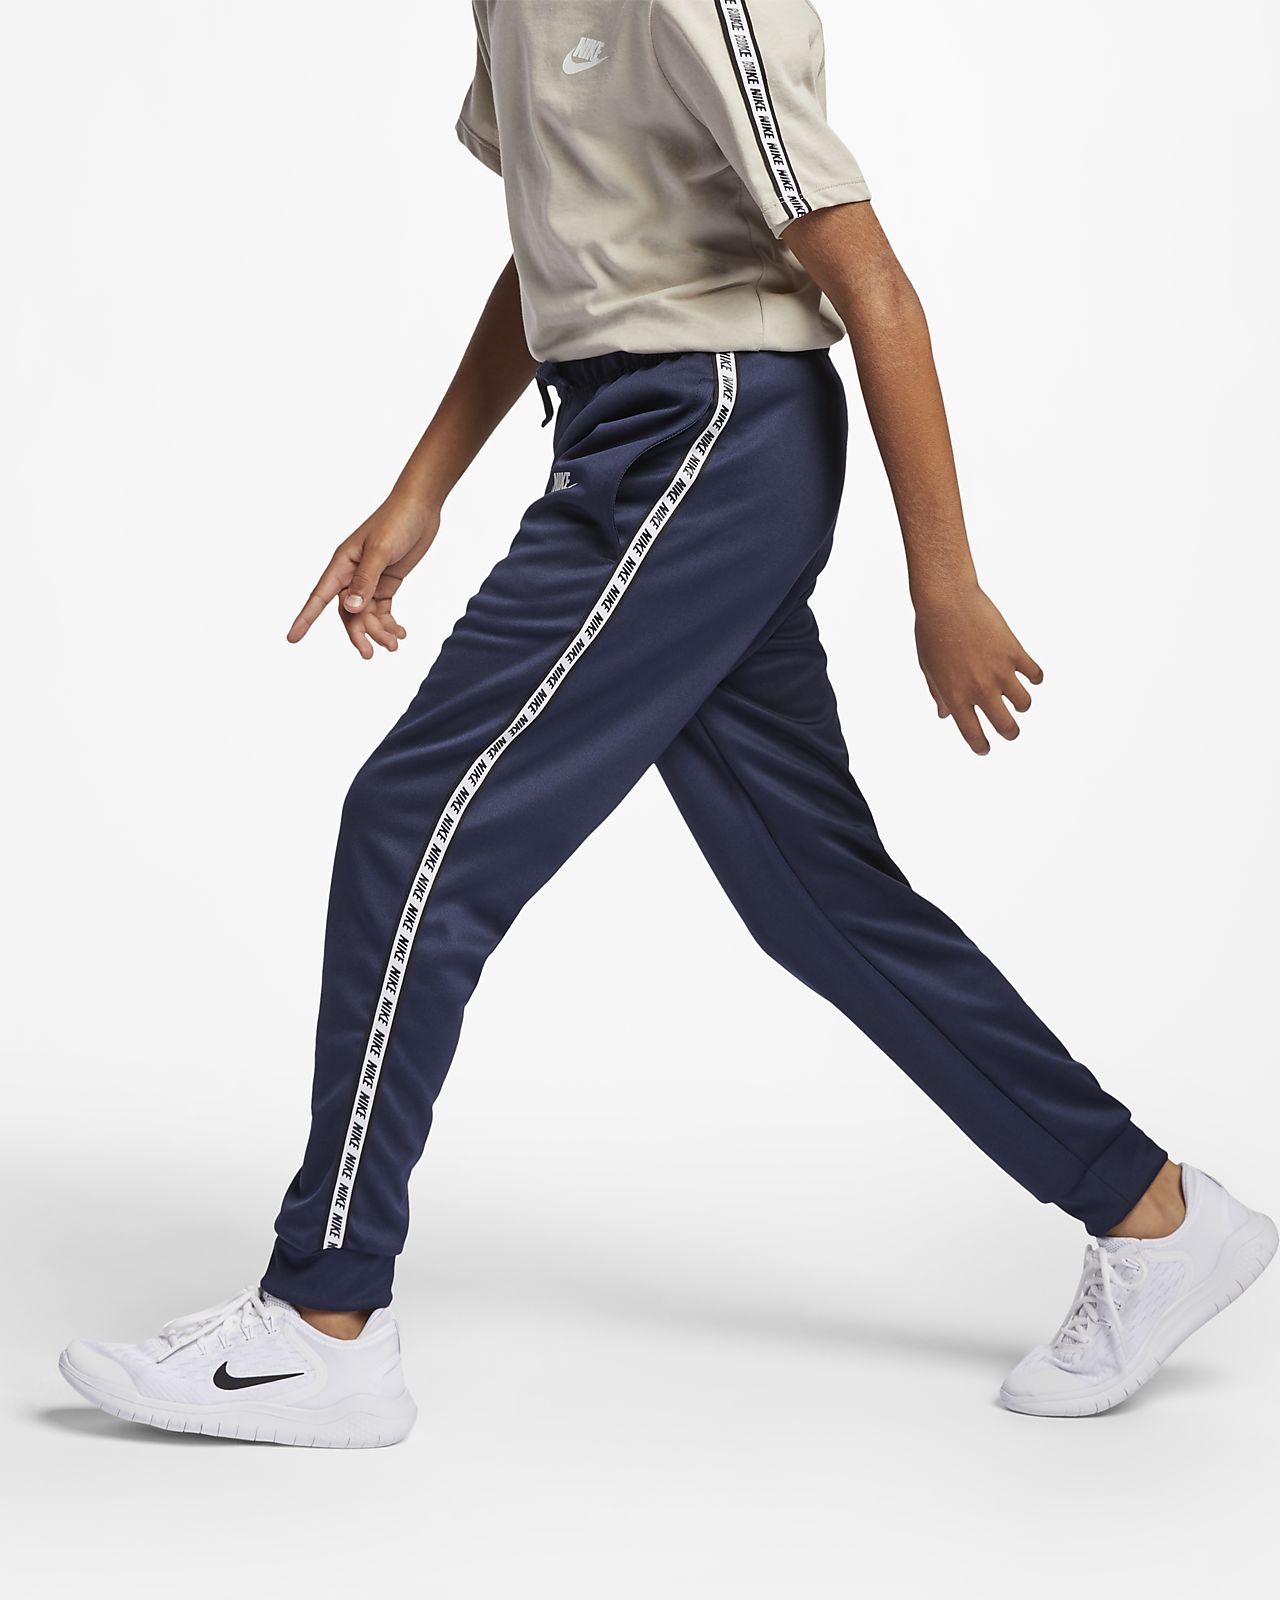 Nike Ch Pantaloni Pantaloni Sportswear Ragazzi Nike TwqES4w